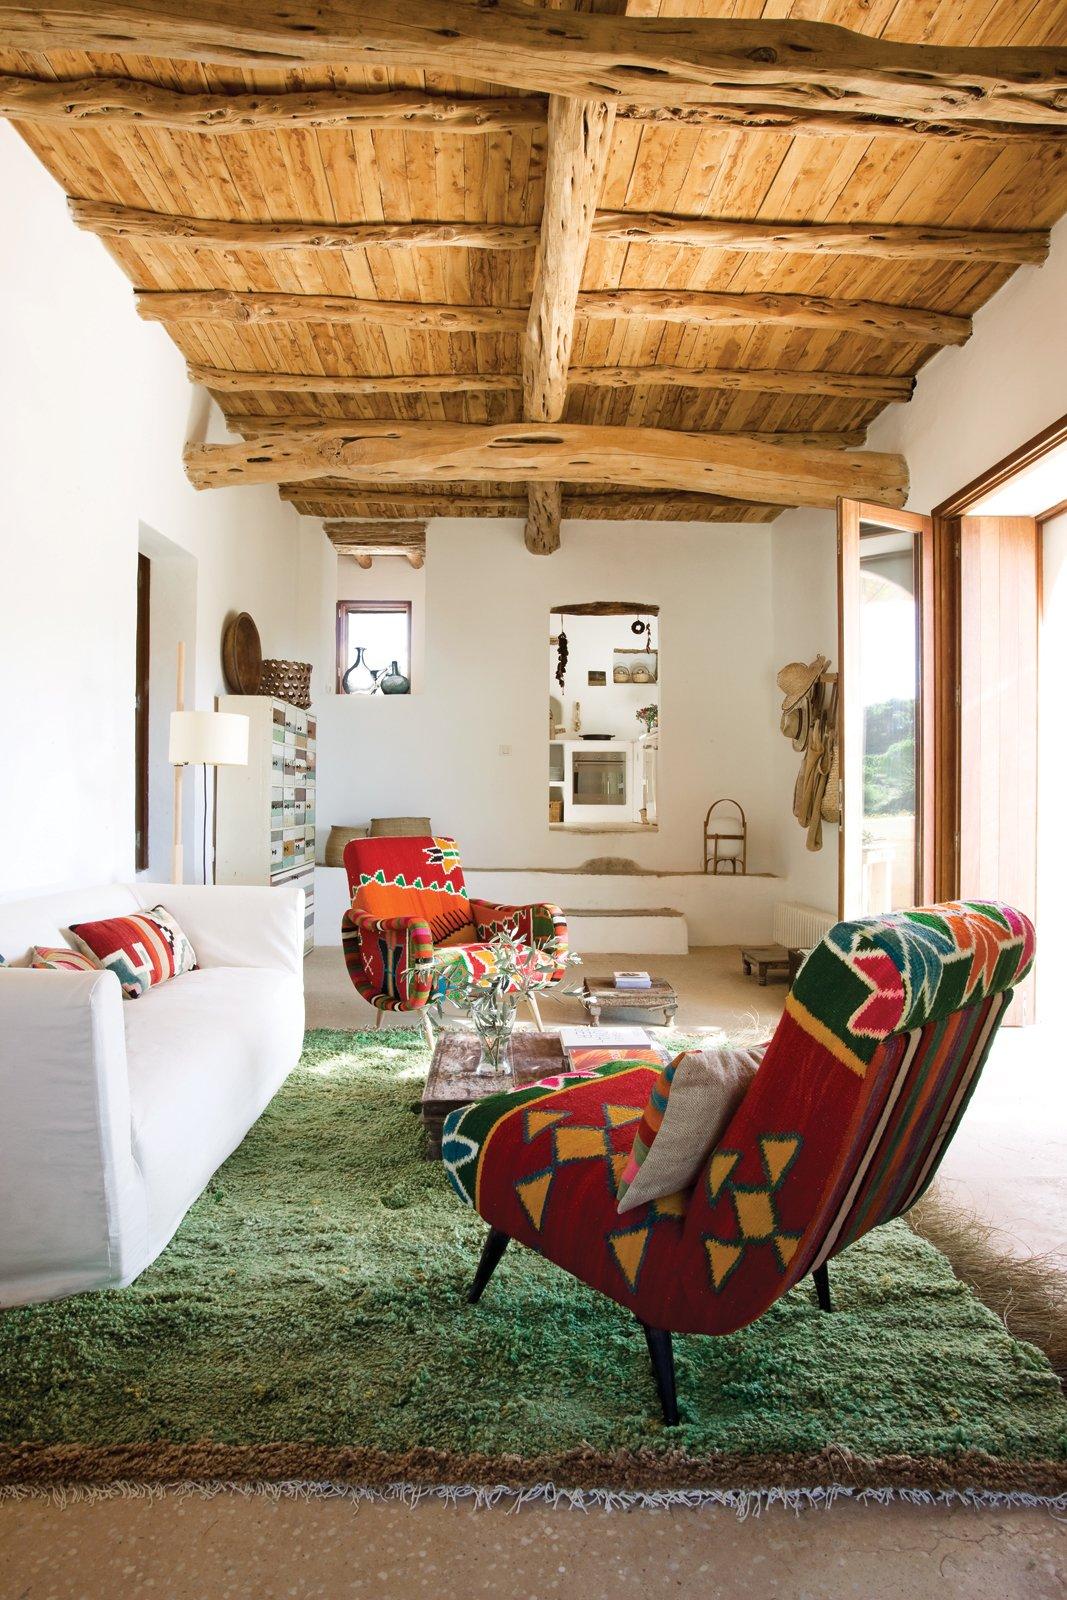 #interior #design #interiordesign #ibiza #rugs #rugdesign #design #designer #nanimarquina #wood #woodceiling #livingroom #kilim #kilimchair #philippexerri #chestofdrawers #pietheineek #tunisianrug #color #vibrant #ecru #cream #white